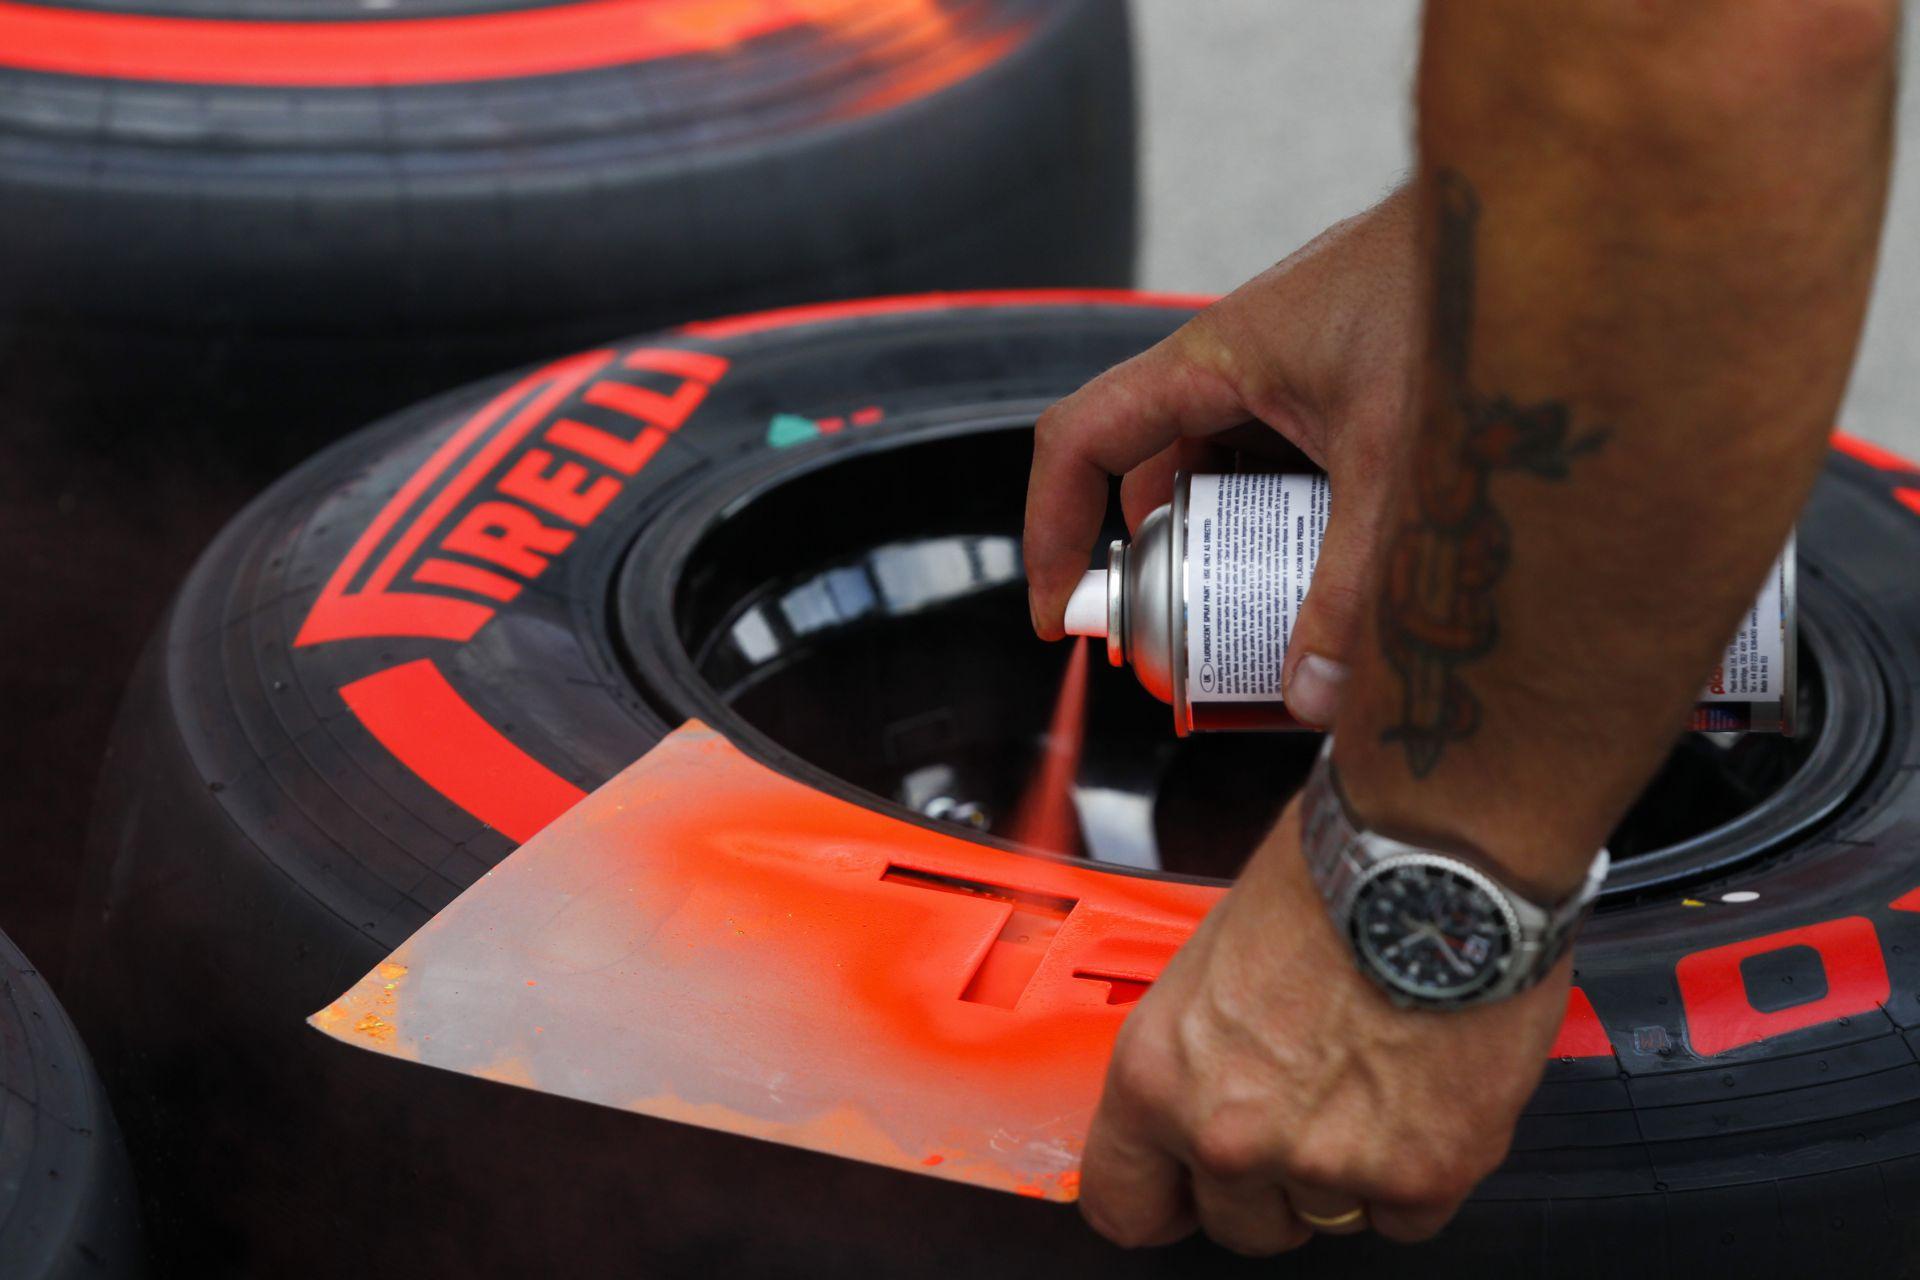 Pirelli: Lehetetlen megoldani, hogy a csapatok válasszák ki a gumikeverékeiket